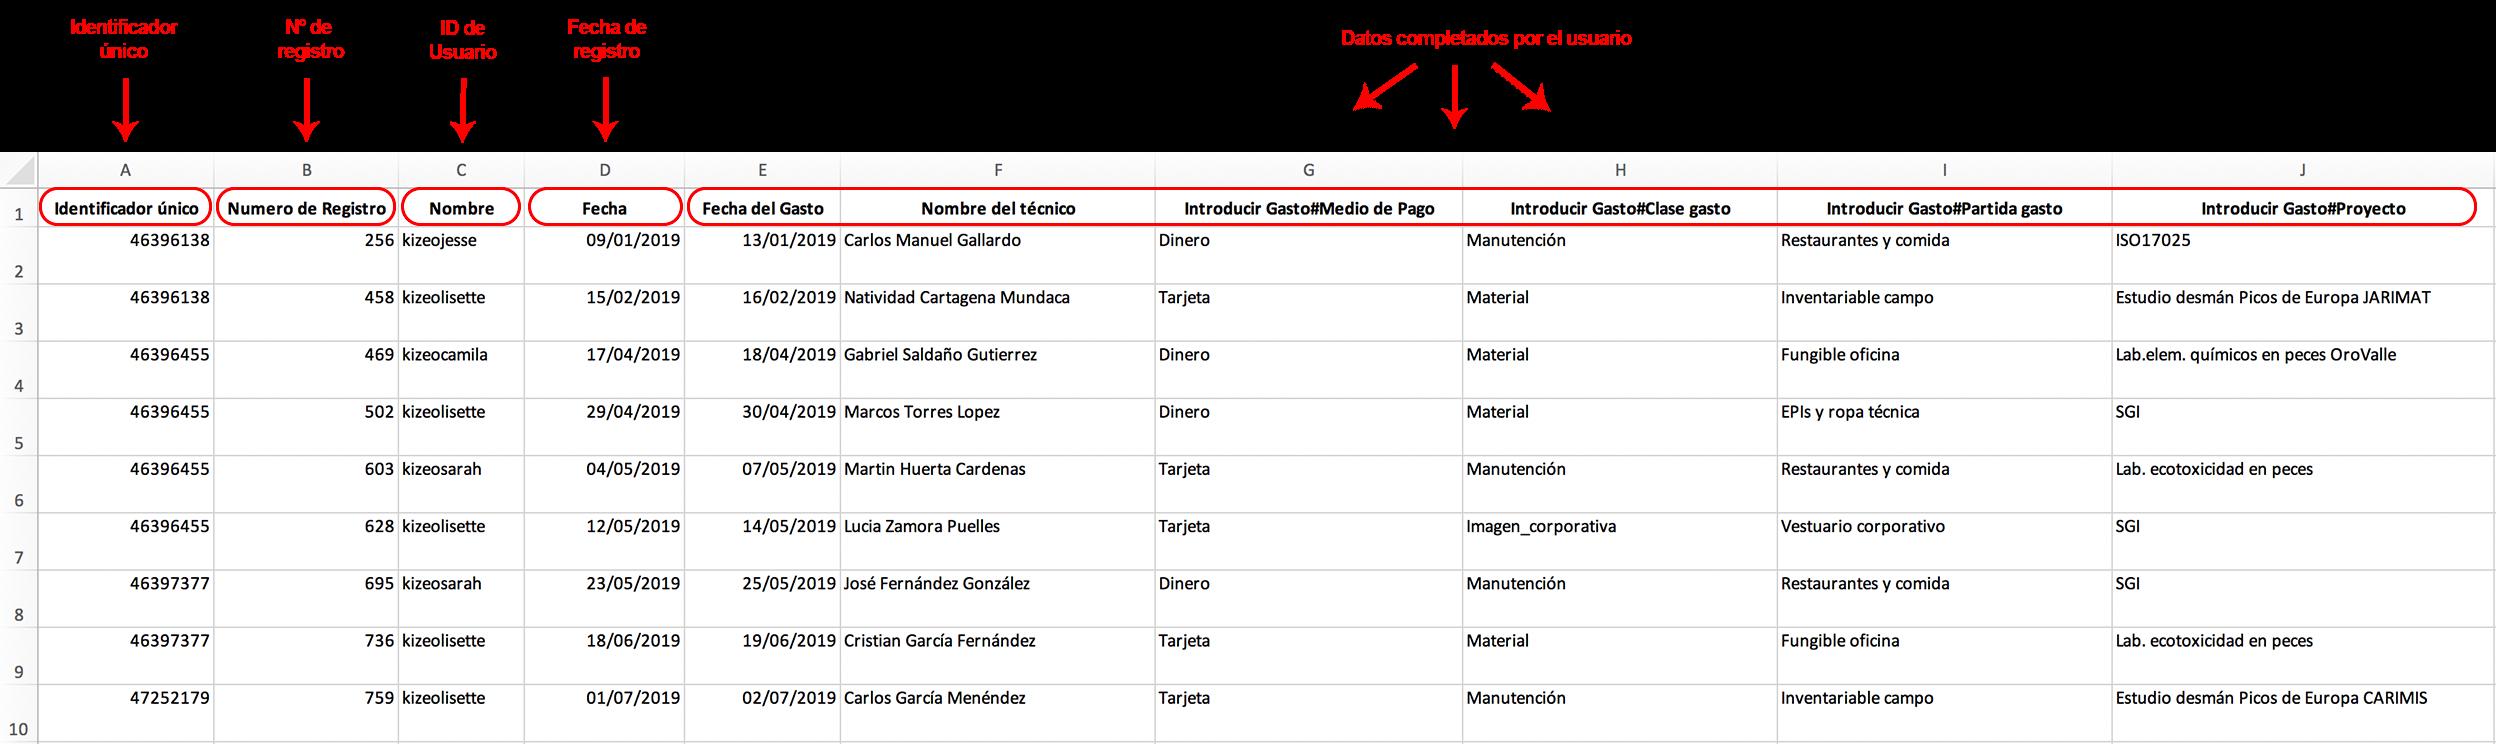 Presentación de la lista Excel